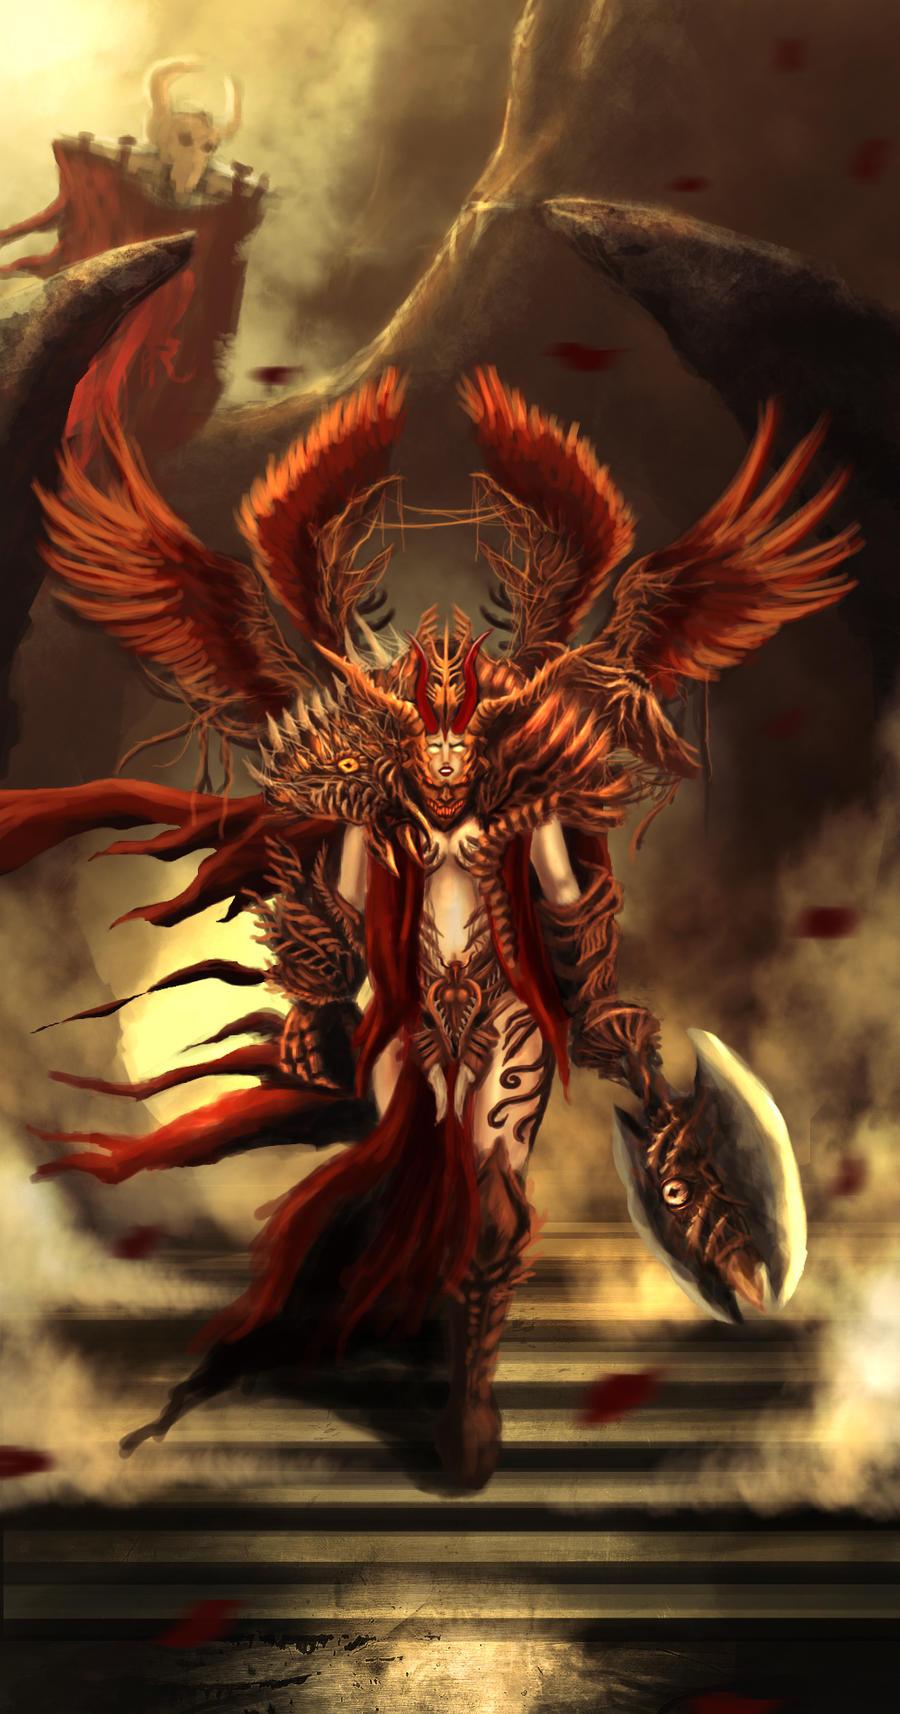 Red Phoenix by elartwyne